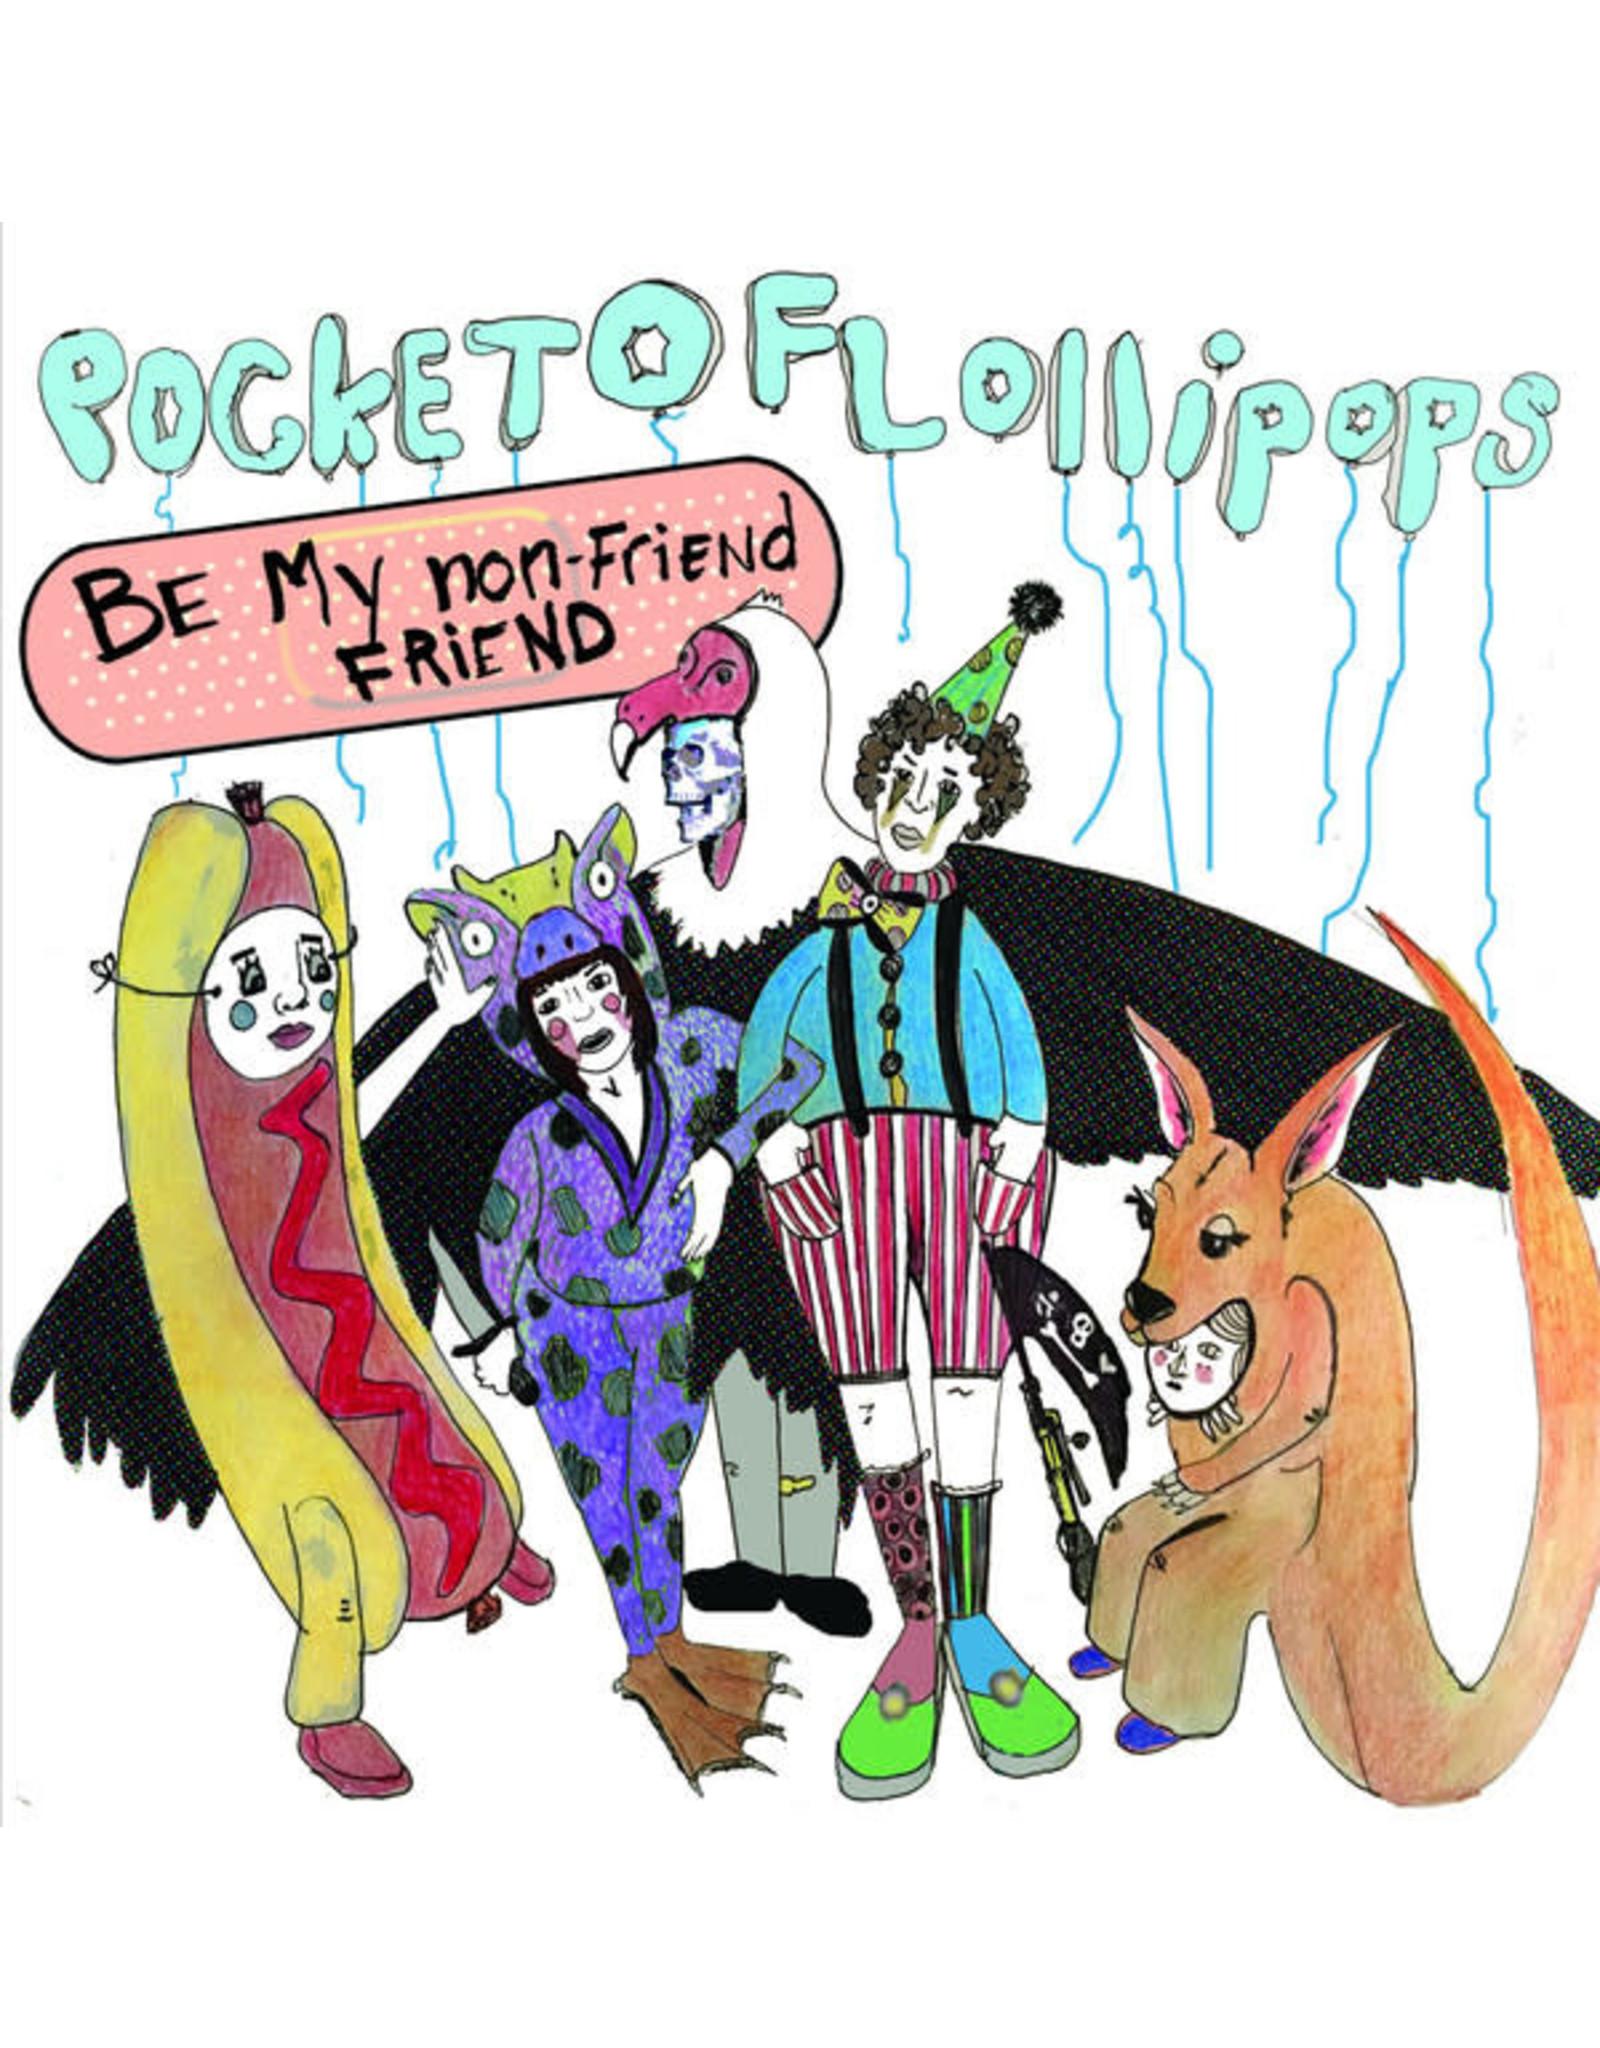 New Vinyl Pocket Of Lollipops - Be My Non-Friend Friend LP